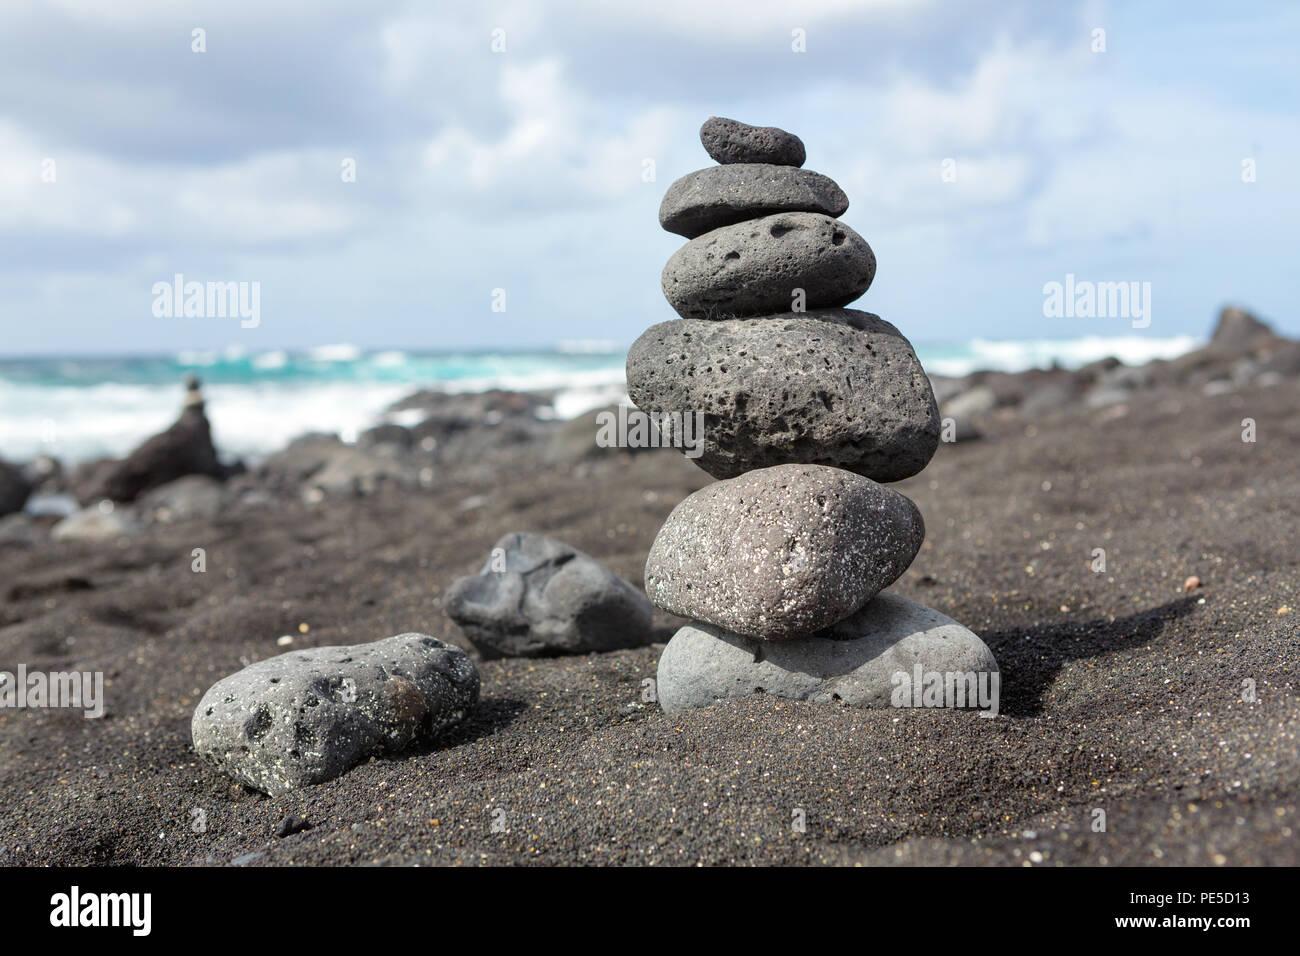 Gestapelte Steine oder Kies auf schwarzem Sand Strand ausgeglichen. Stockfoto